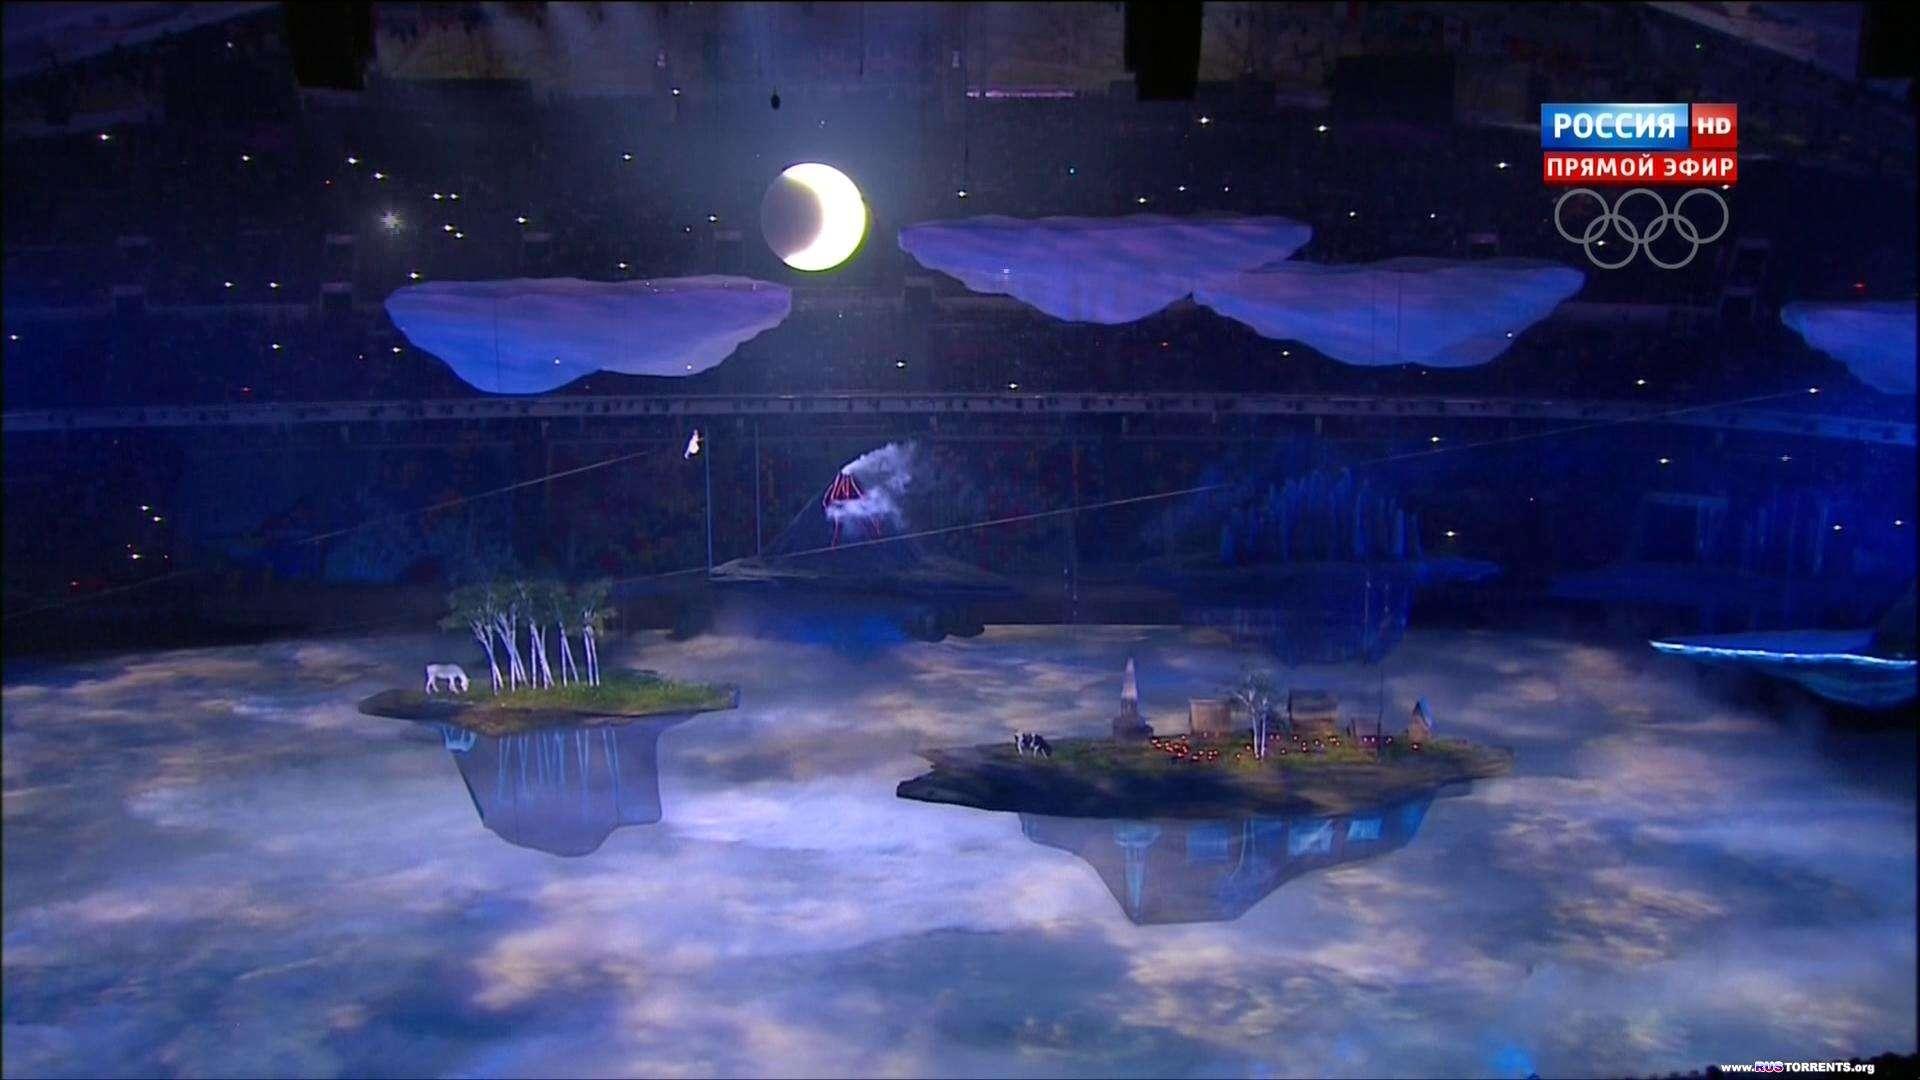 XXII Зимние Олимпийские игры. Сочи. Церемония открытия [Россия HD] | HDTV 1080i